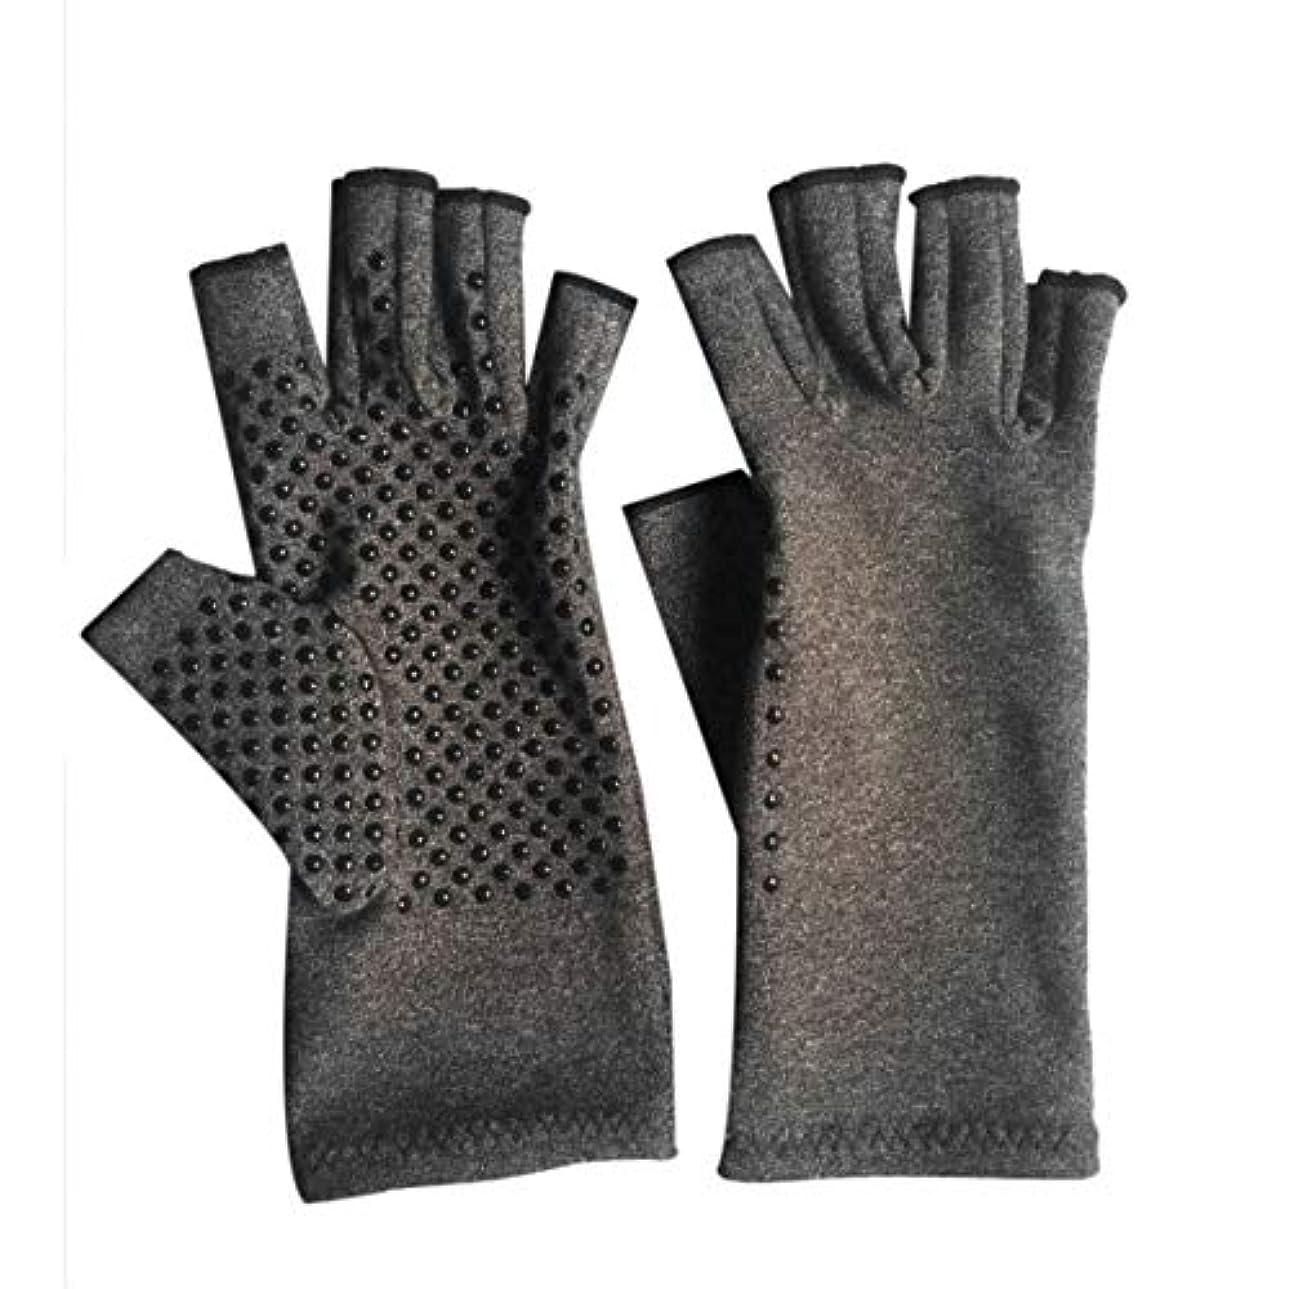 助けて元気な屋内で1ペアユニセックス男性女性療法圧縮手袋関節炎関節痛緩和ヘルスケア半指手袋トレーニング手袋 - グレーM